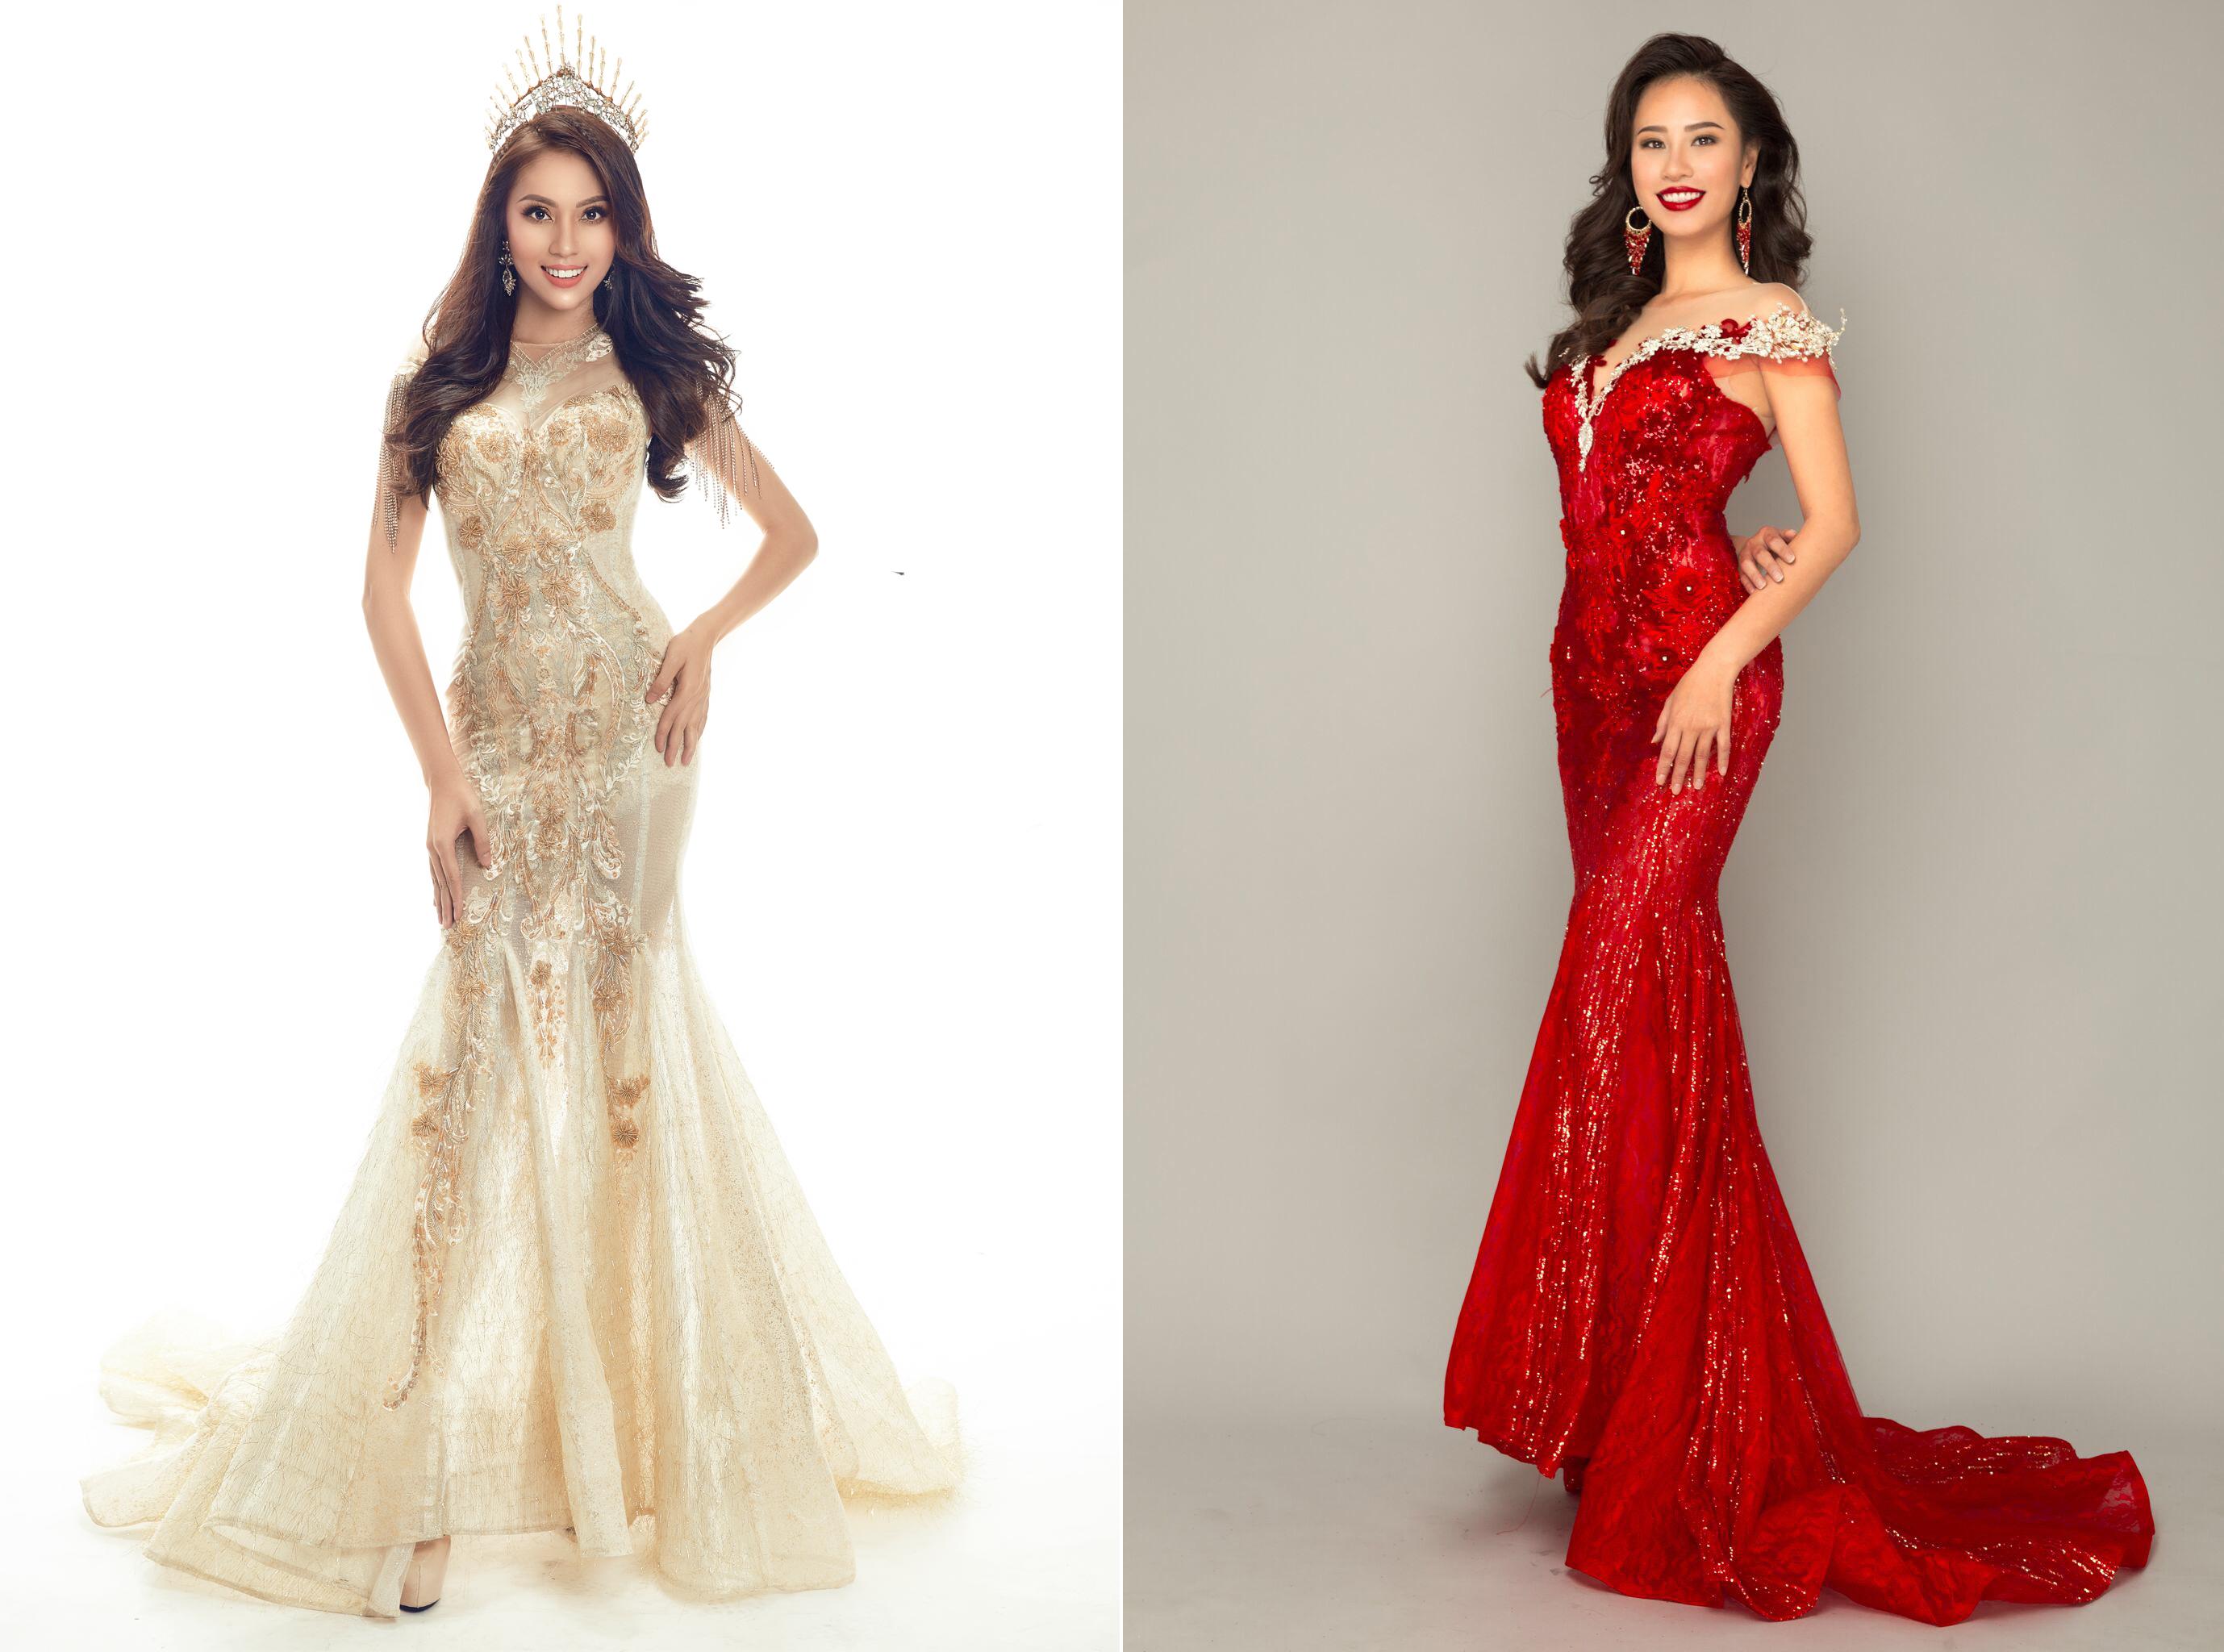 Ứng viên Hoa hậu Hoàn vũ Ngọc Út, Trà My khoe nhan sắc xinh đẹp trước thềm bán kết.